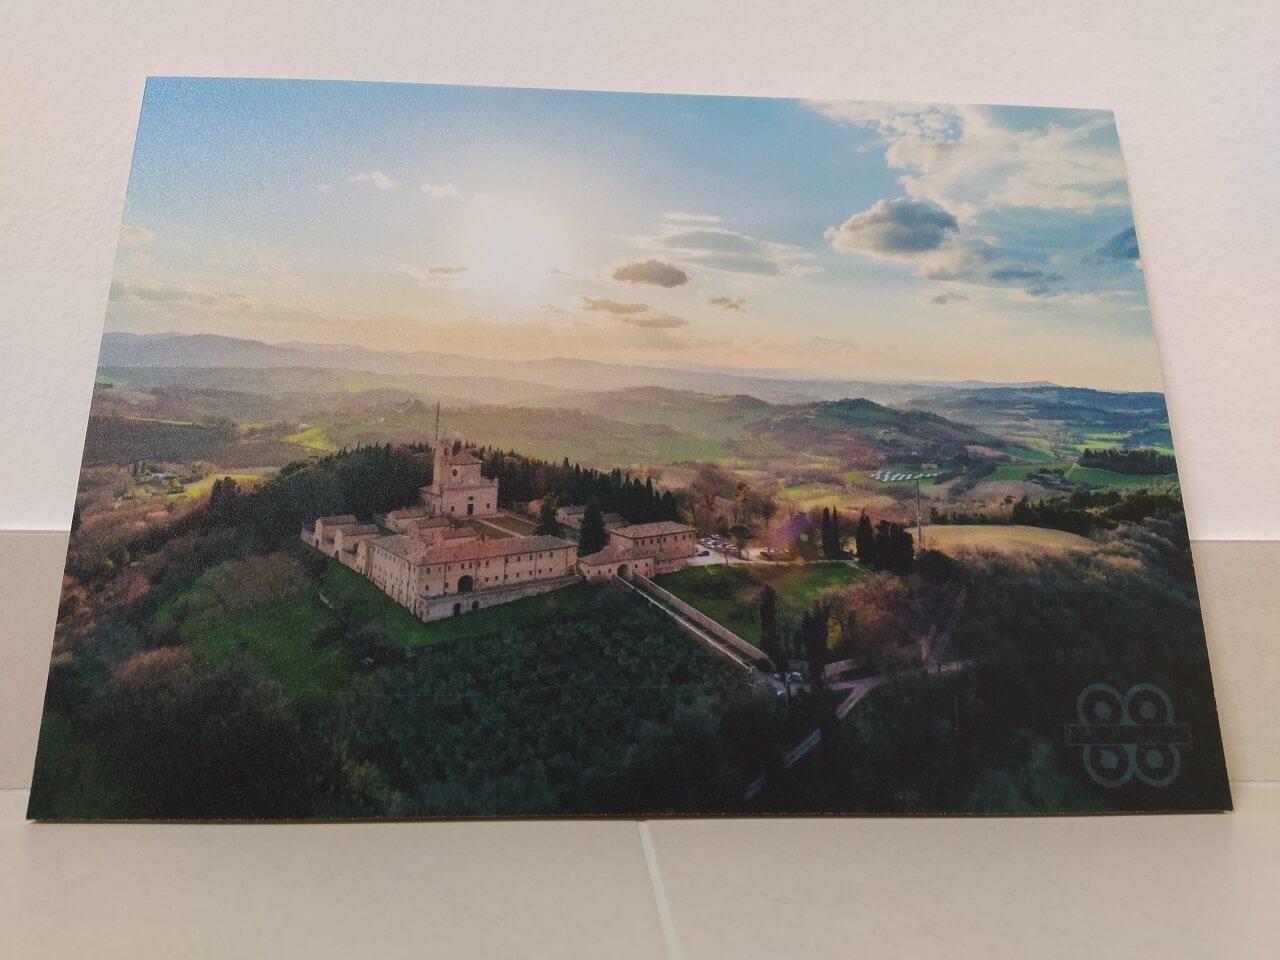 Stampa su forex del panorama di Monte Giove a Fano - quadro